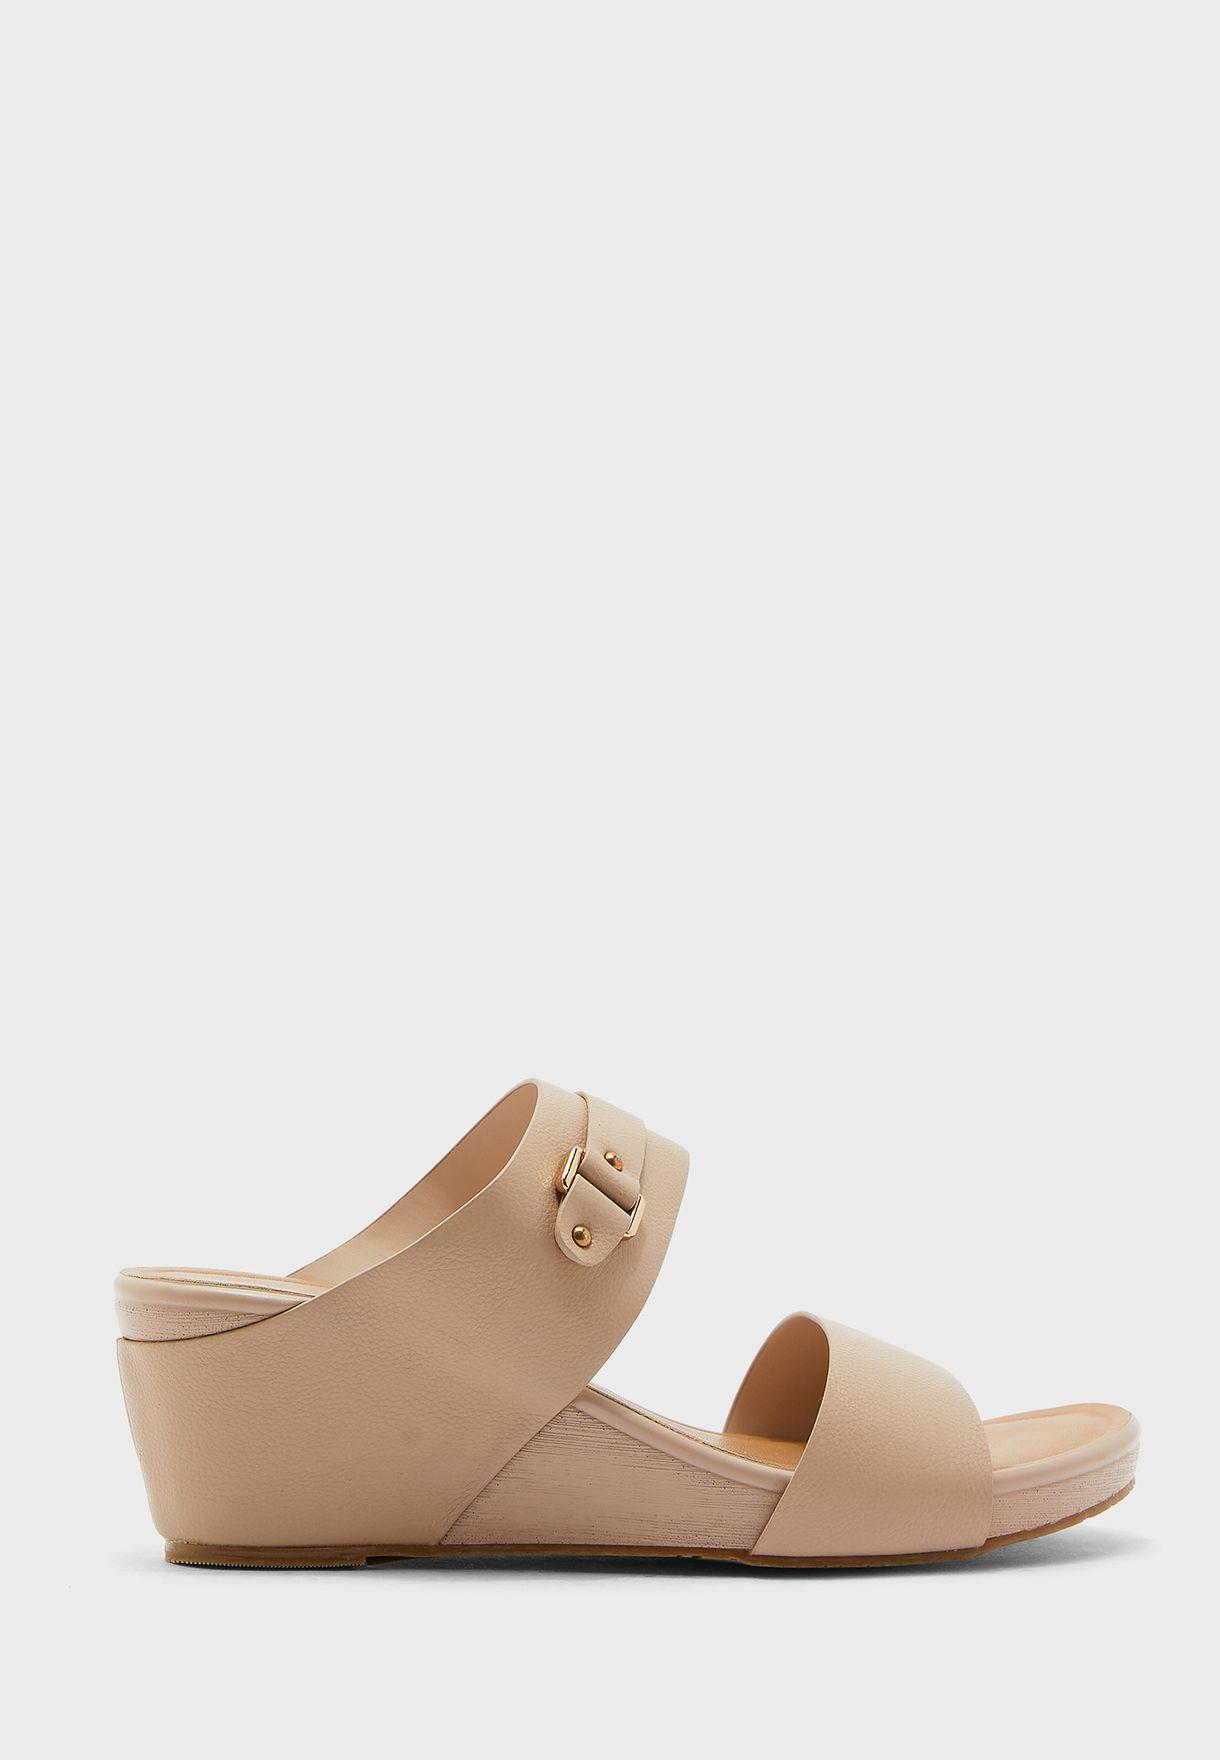 Buckle Detail Wedge Mid Heel Sandal